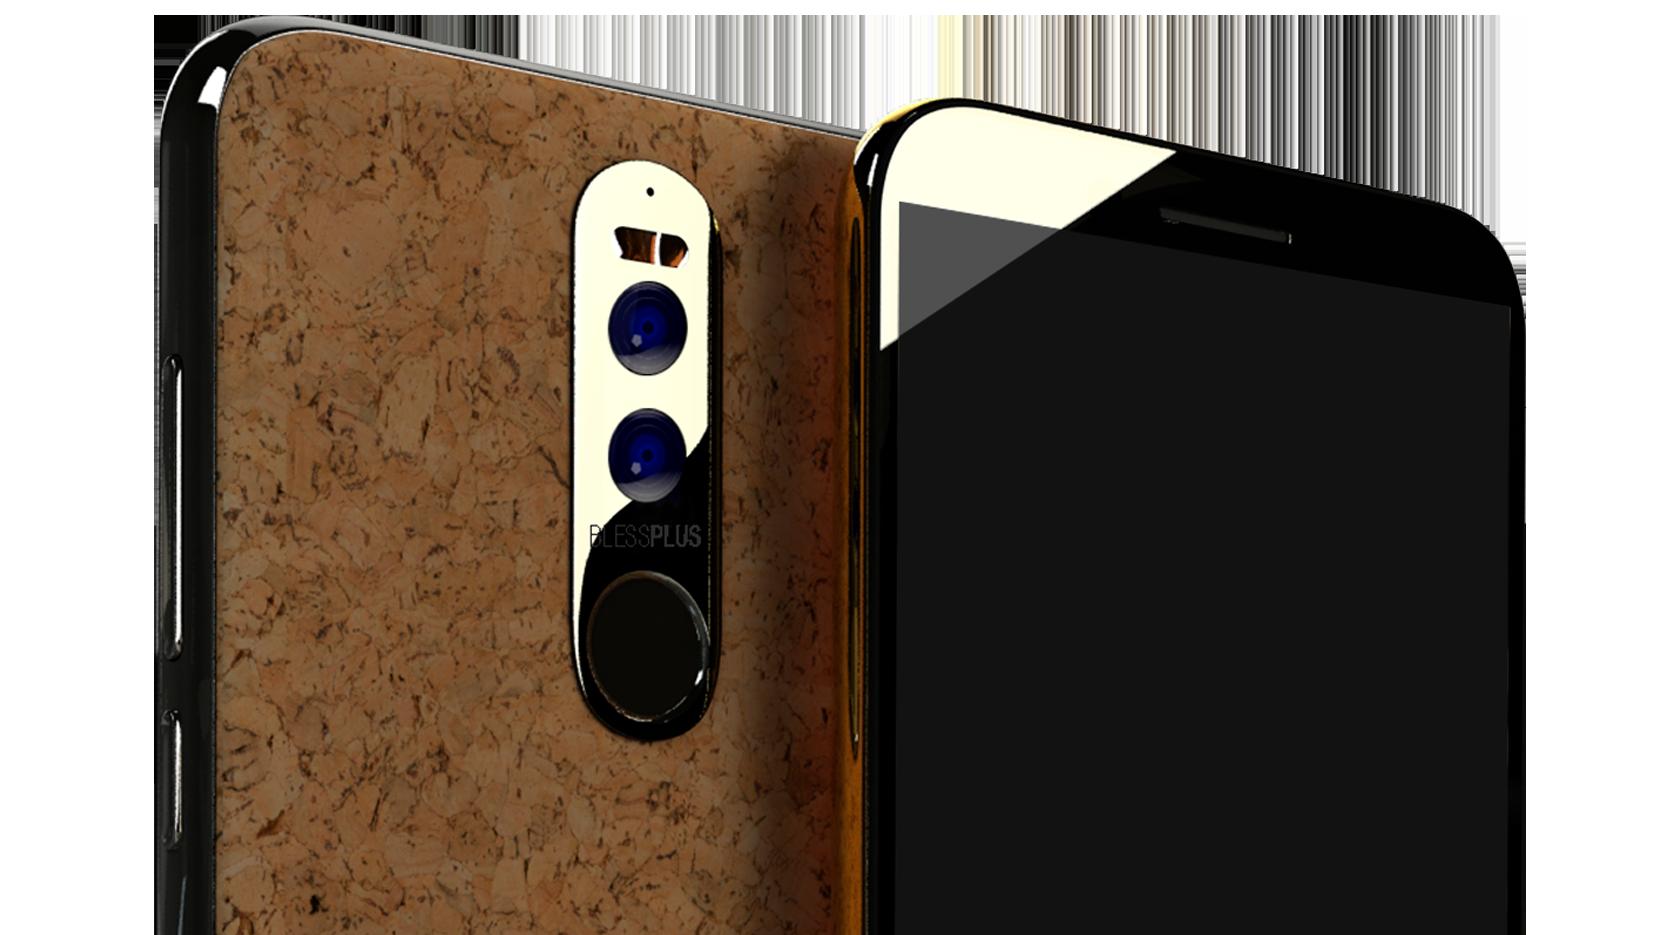 Ikimobile BLESSPLUS – odolný telefon z korku